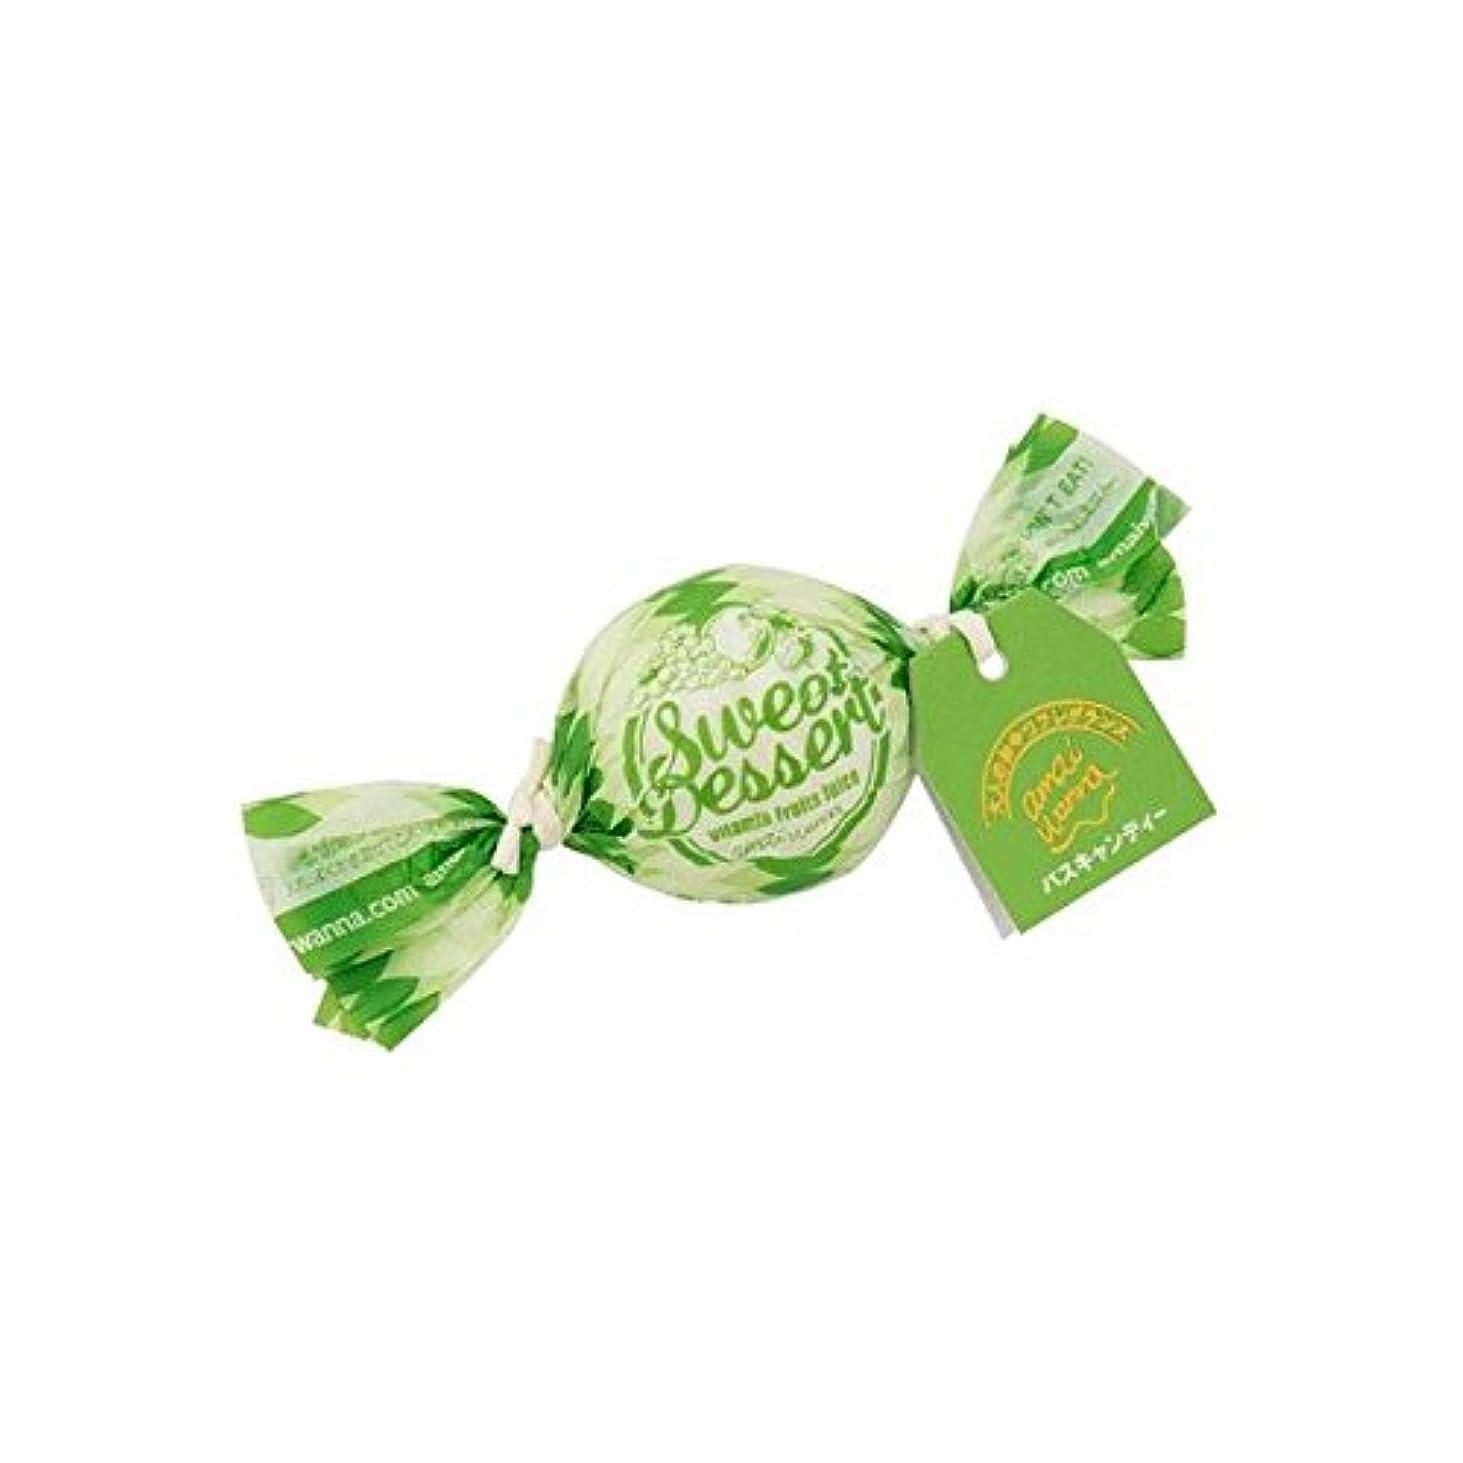 絶え間ない僕のコンプリートグローバルプロダクトプランニング アマイワナ バスキャンディー 1粒 ビタミンフルーツジュース 35g 4517161124224